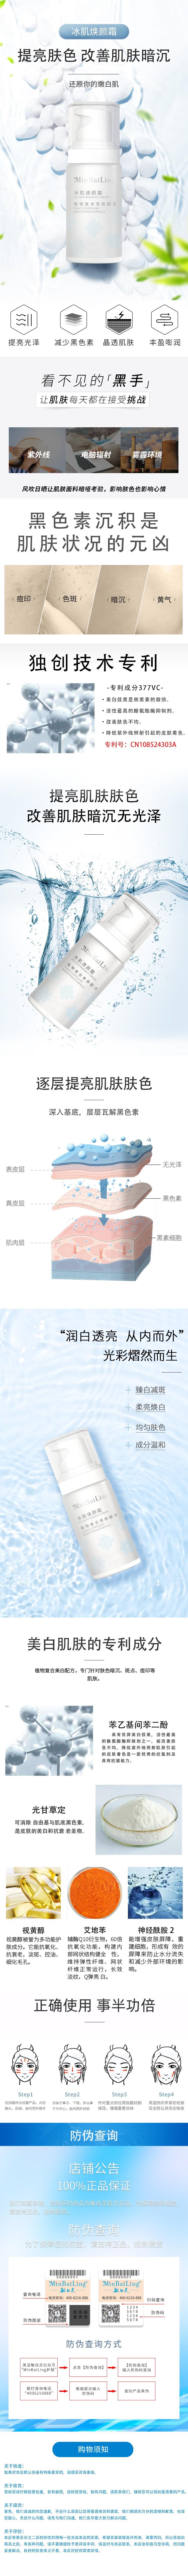 冰肌焕颜霜详情页.jpg